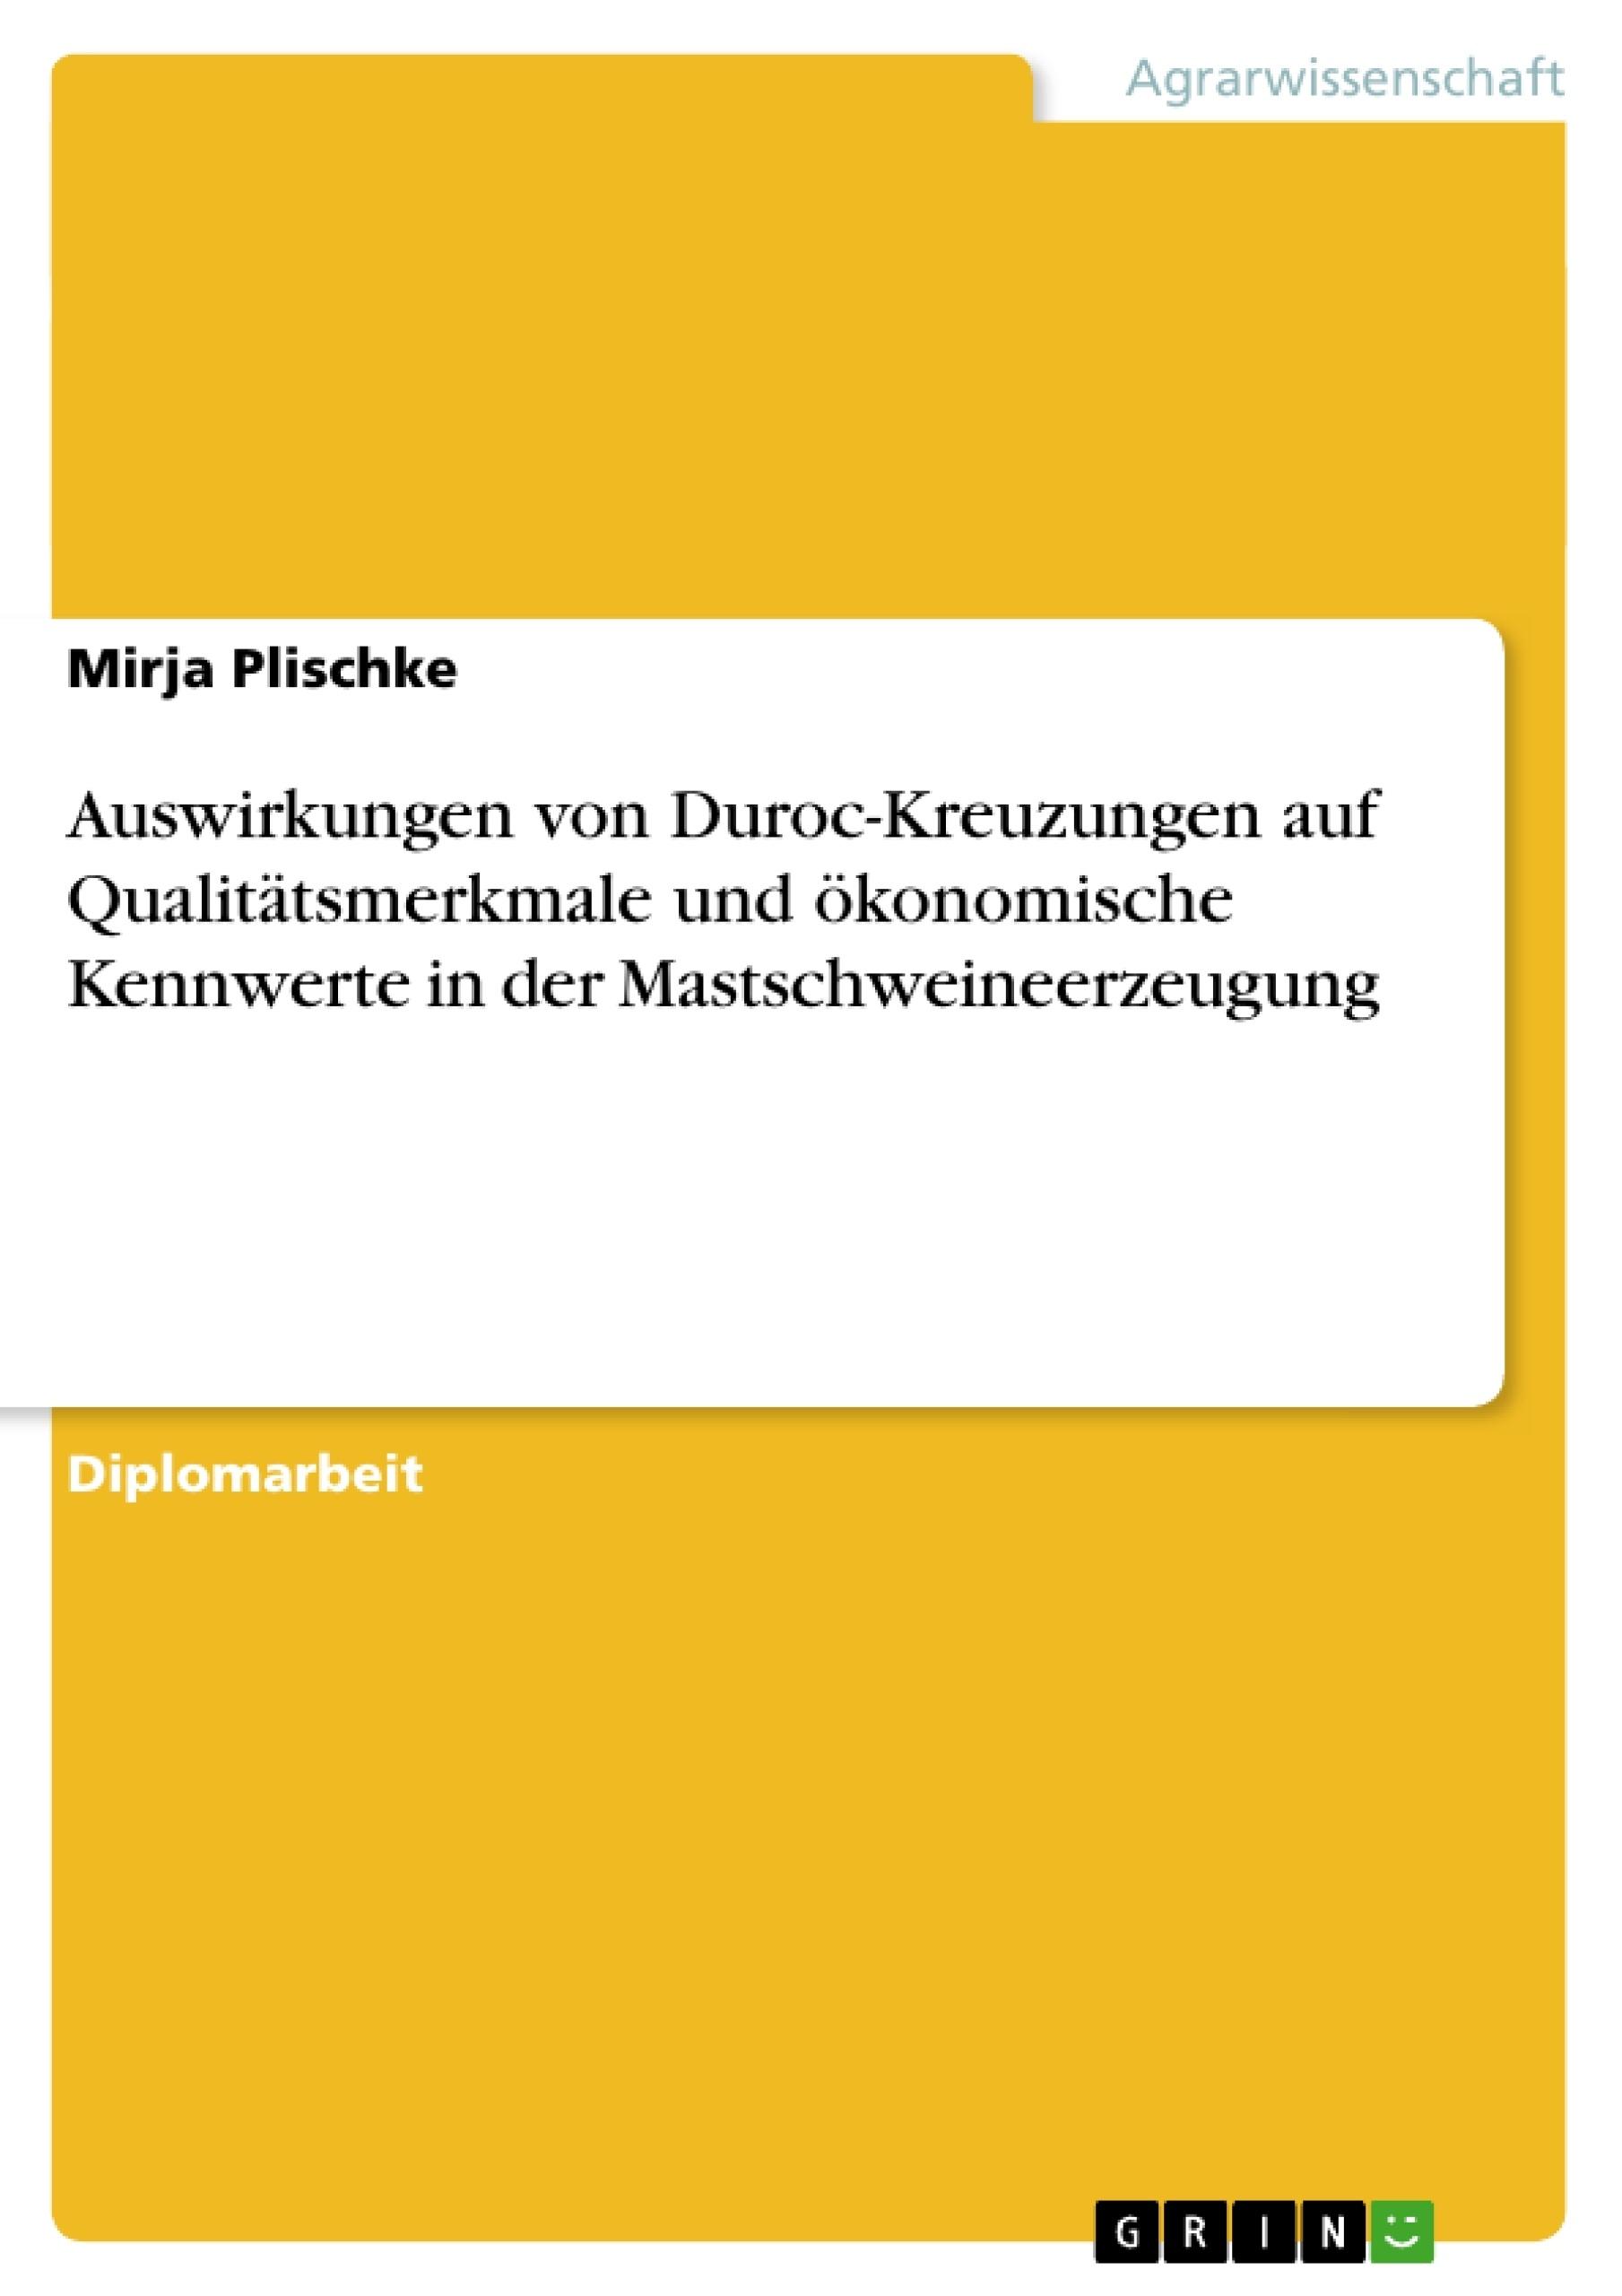 Titel: Auswirkungen von Duroc-Kreuzungen auf Qualitätsmerkmale und ökonomische Kennwerte in der Mastschweineerzeugung